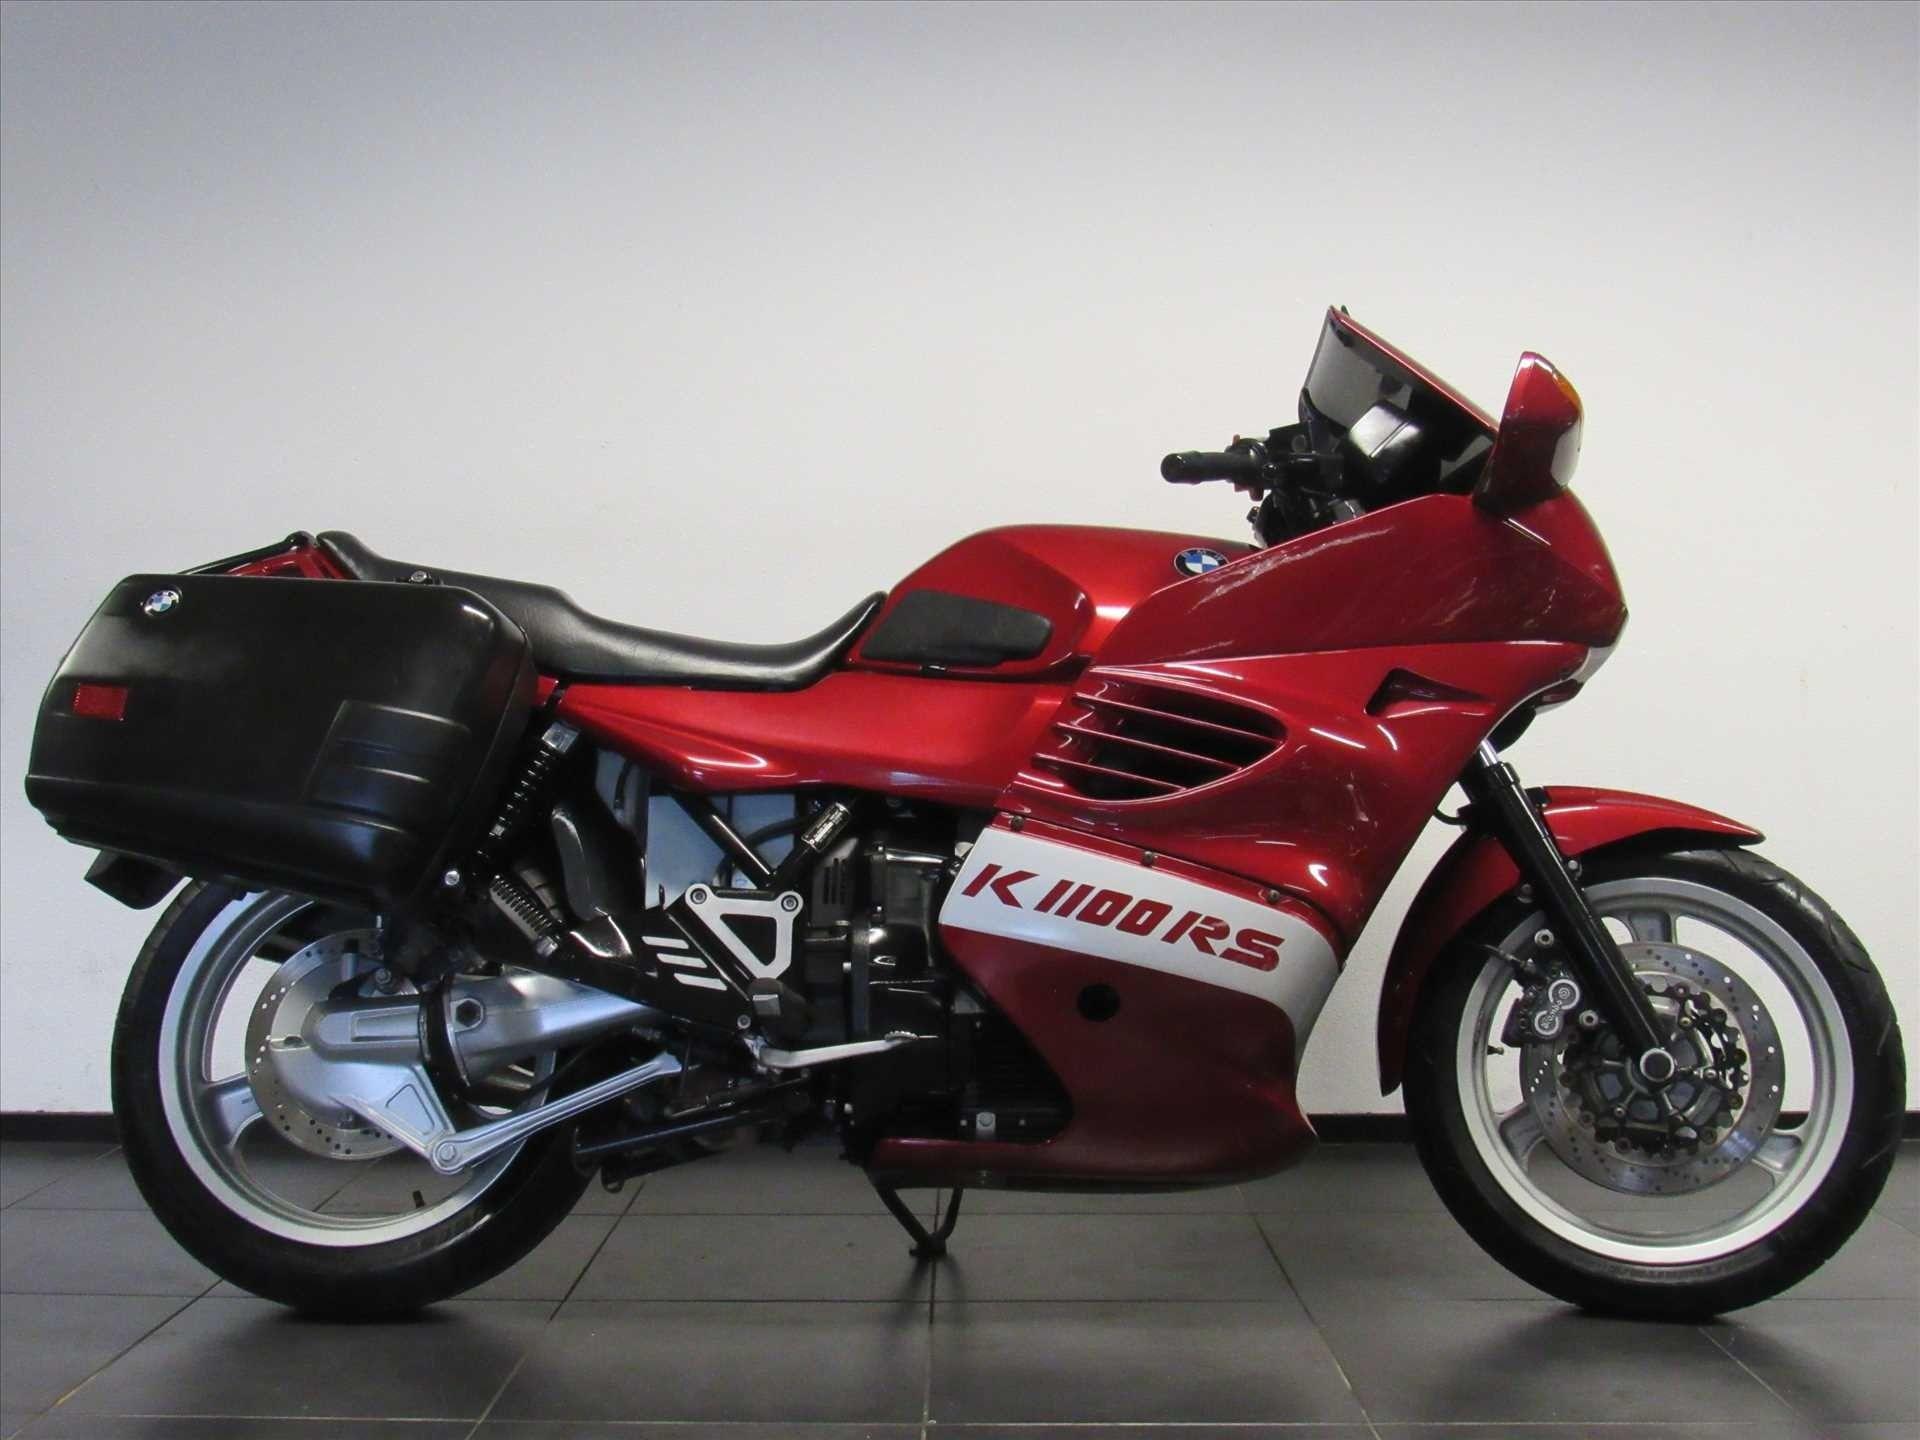 Bmw K 1100 Rs 1994 Motoroccasion Nl Motormerken En Typen